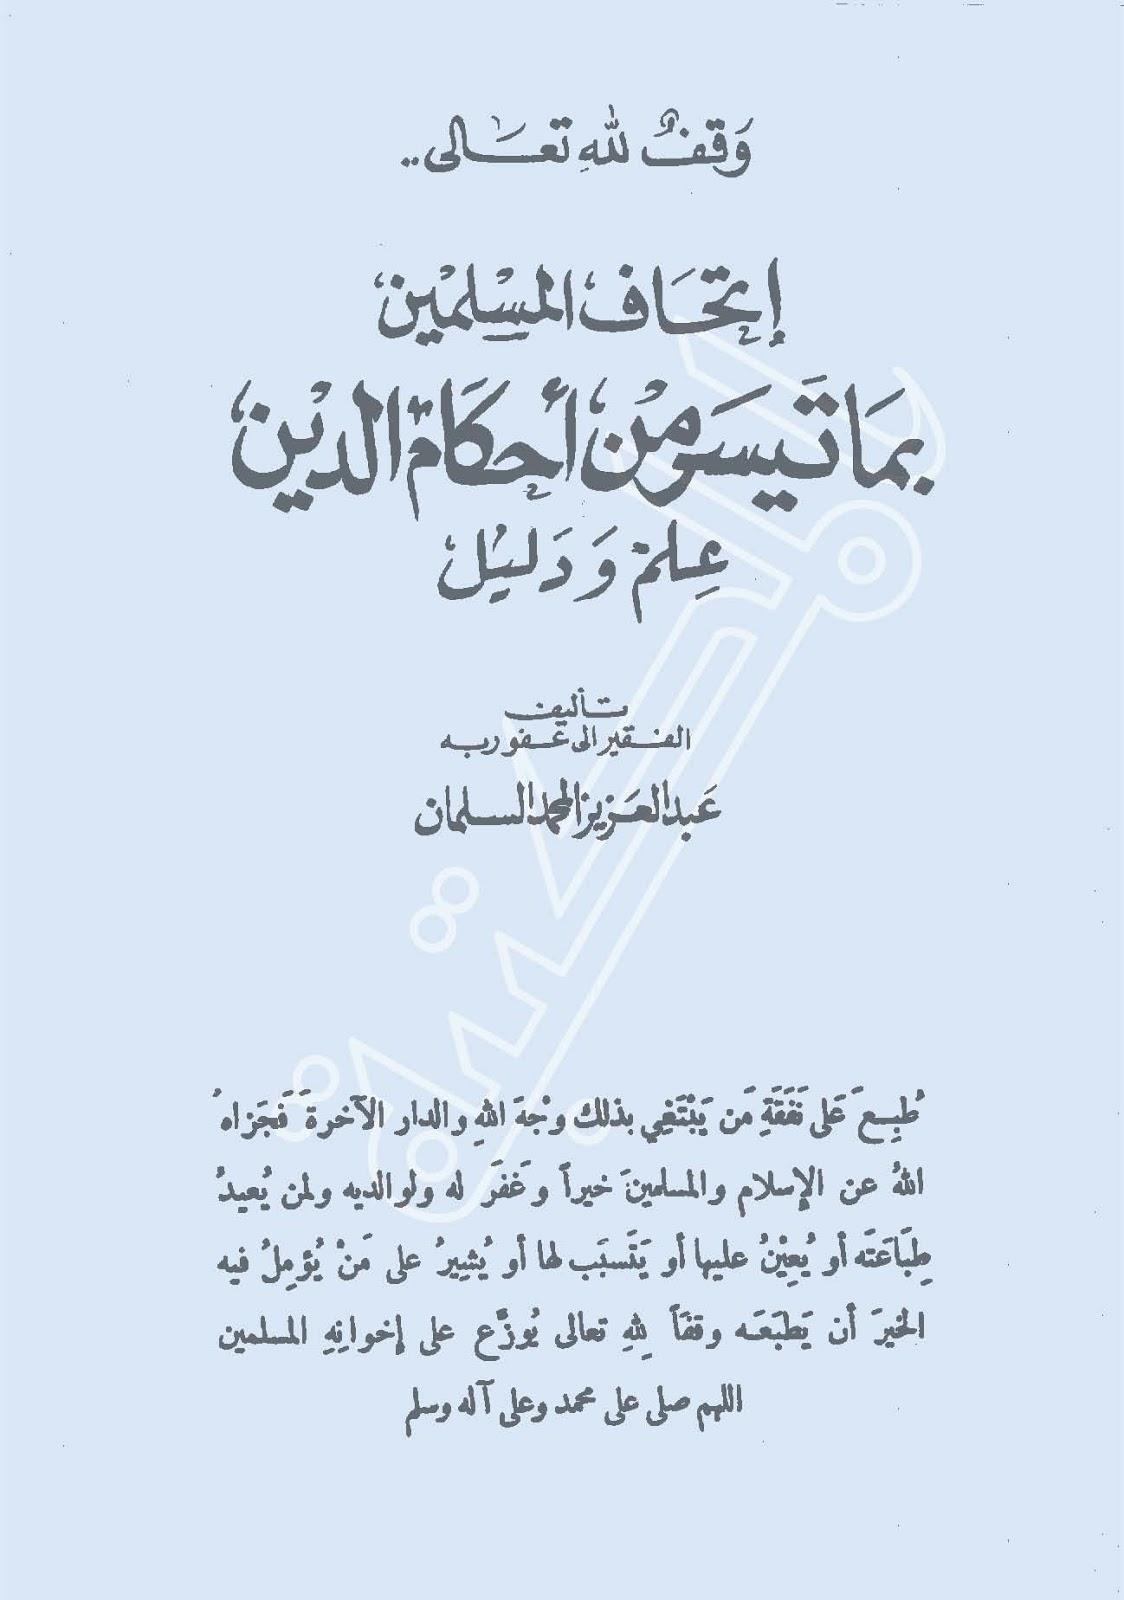 إتحاف المسلمين بما تيسر من أحكام الدين - عبد العزير السلمان pdf